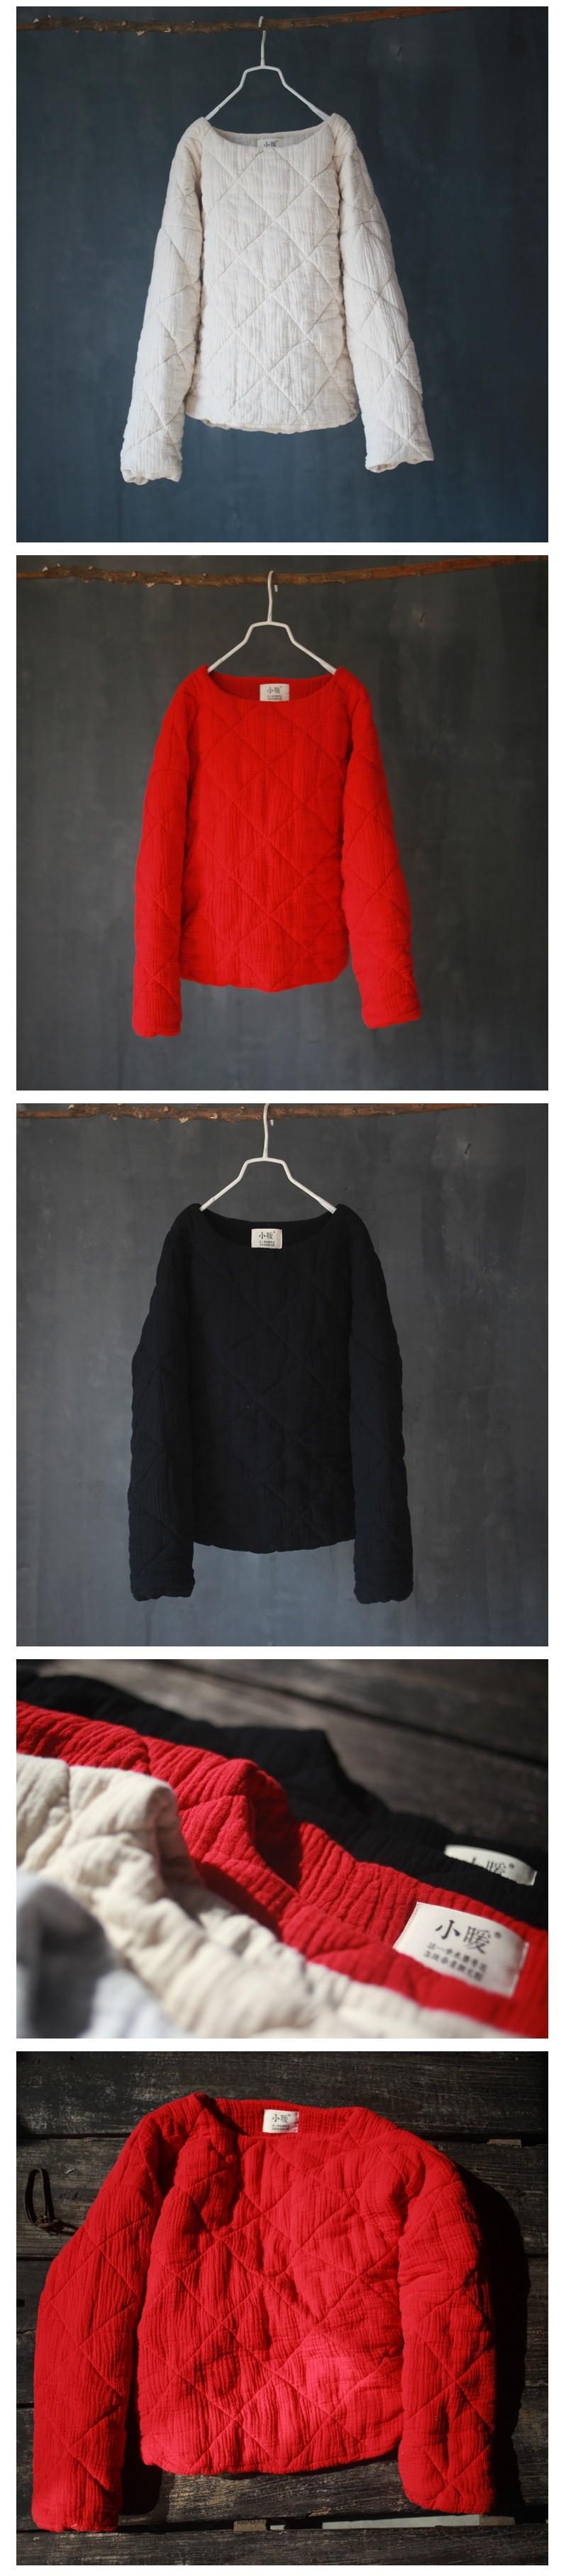 Скидки на Зимой 2016 года выпуска продукции, качество бренда оригинальный дизайн свободно большие ярдов женщин хлопка